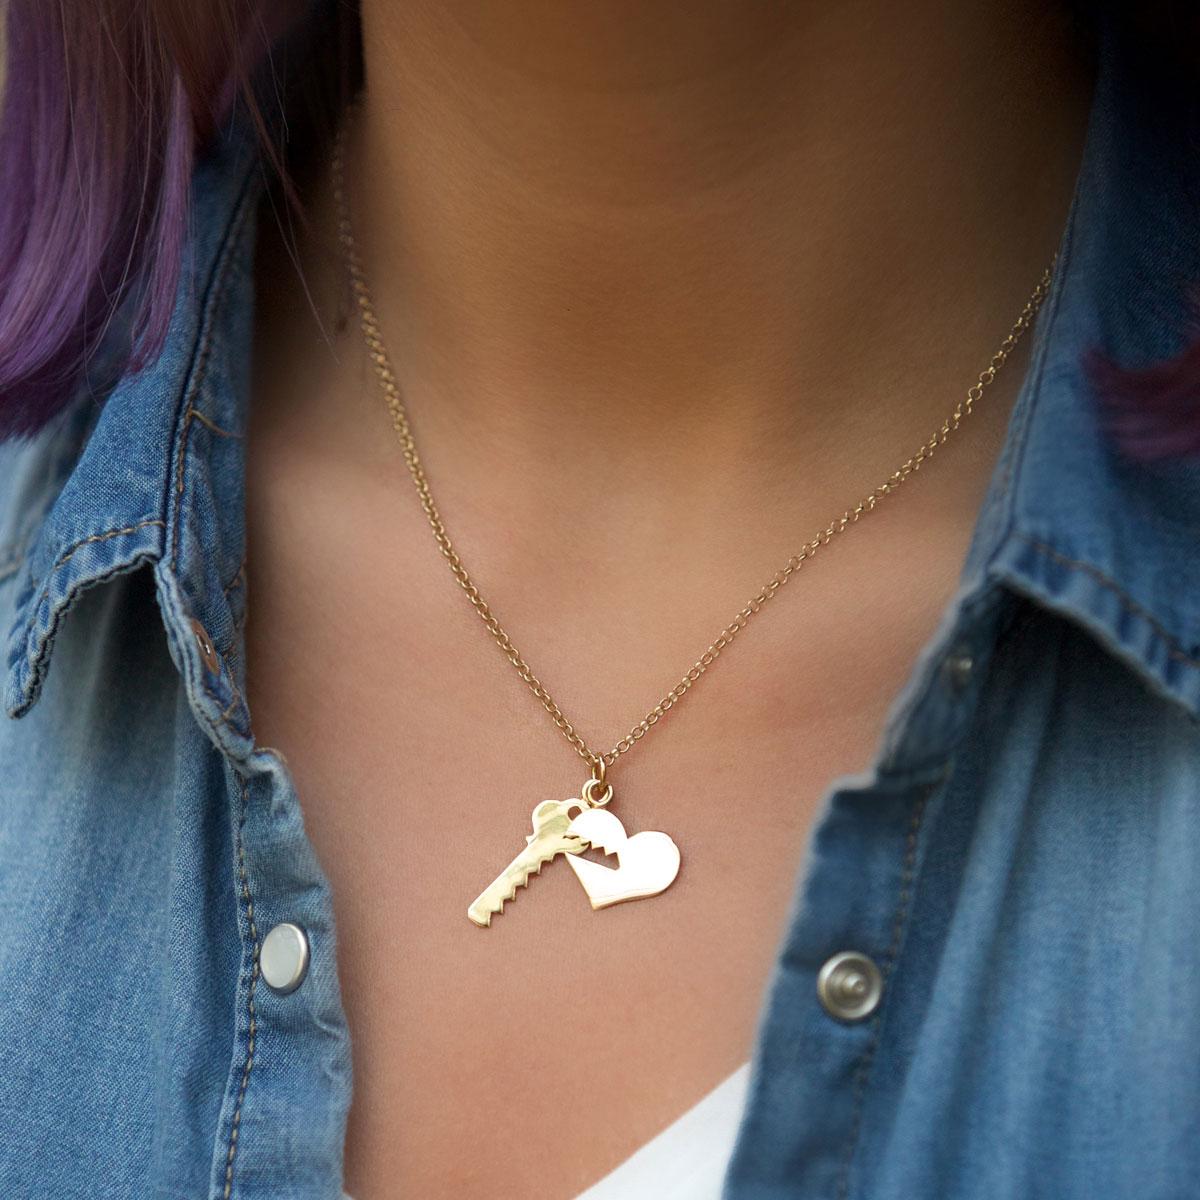 گردنبند طلا قلب و کلید 2